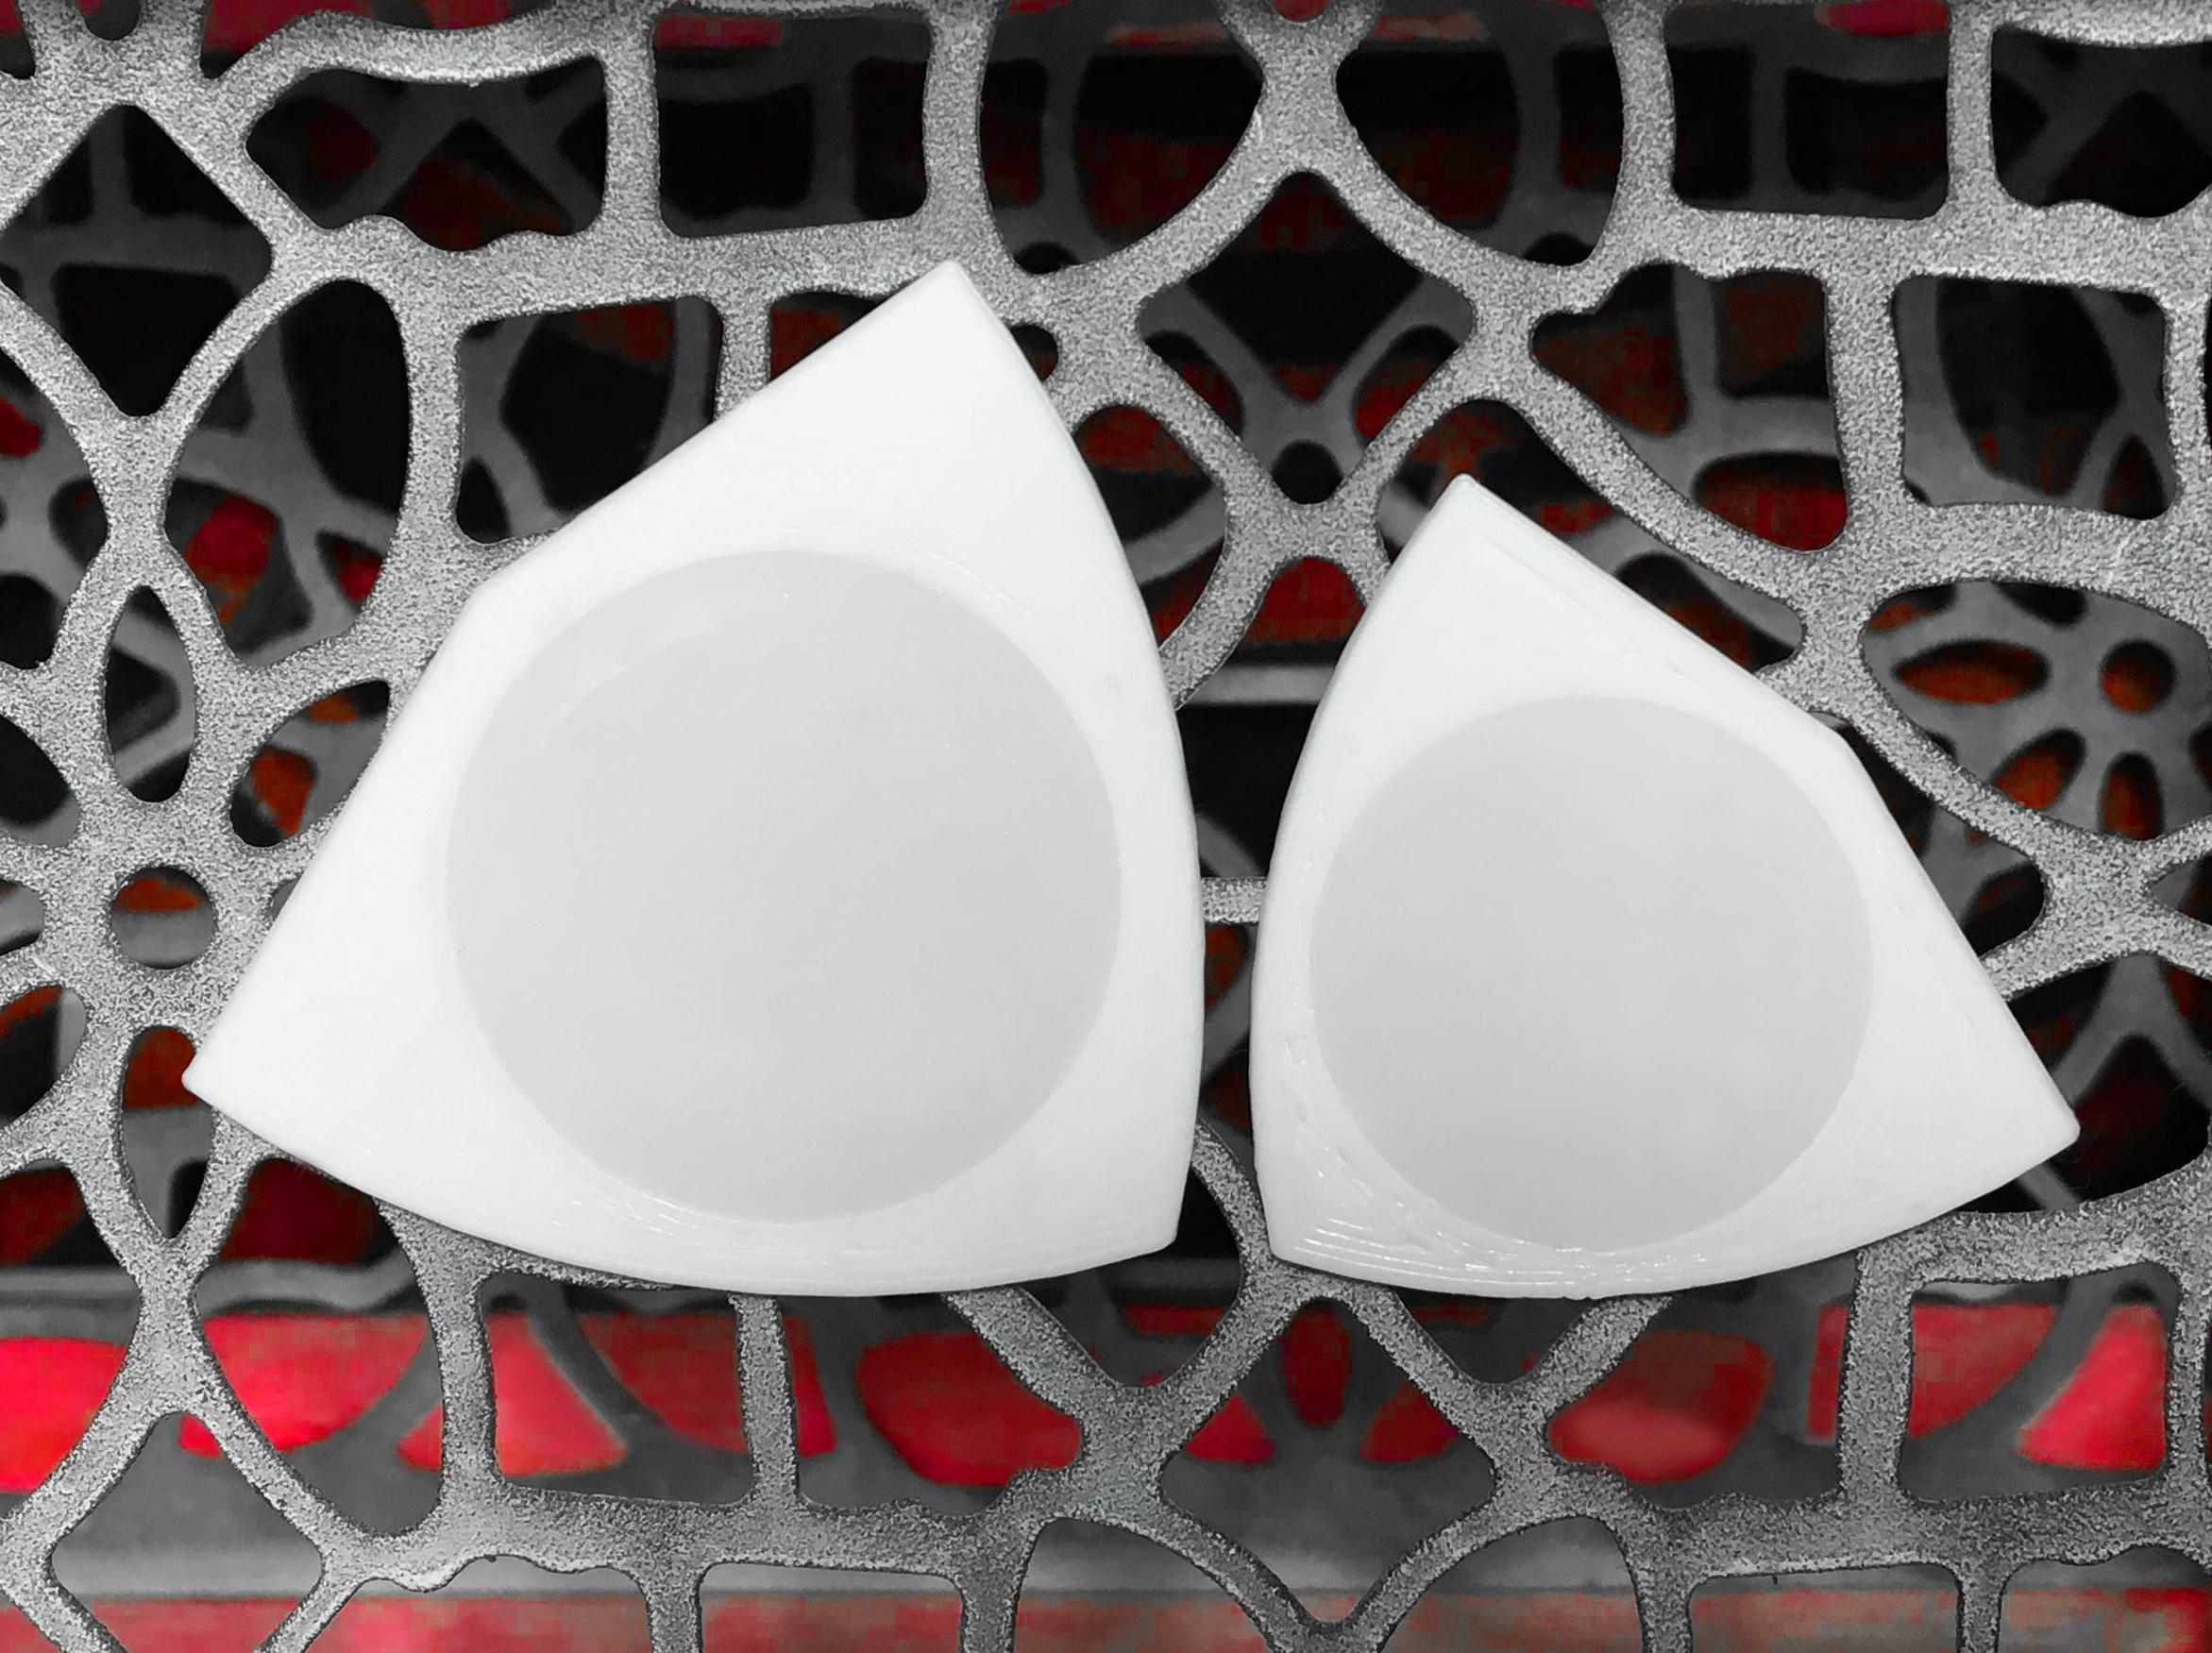 SIMIR-g Y SIMIR-p Puas Nido.JPG Télécharger fichier STL gratuit SIMIR-g & SIMIR-p Puas Nido - Fabriqué avec PLA et TPU BCN3D sigma R19 - Bâton de guitare 3D • Modèle pour impression 3D, carleslluisar